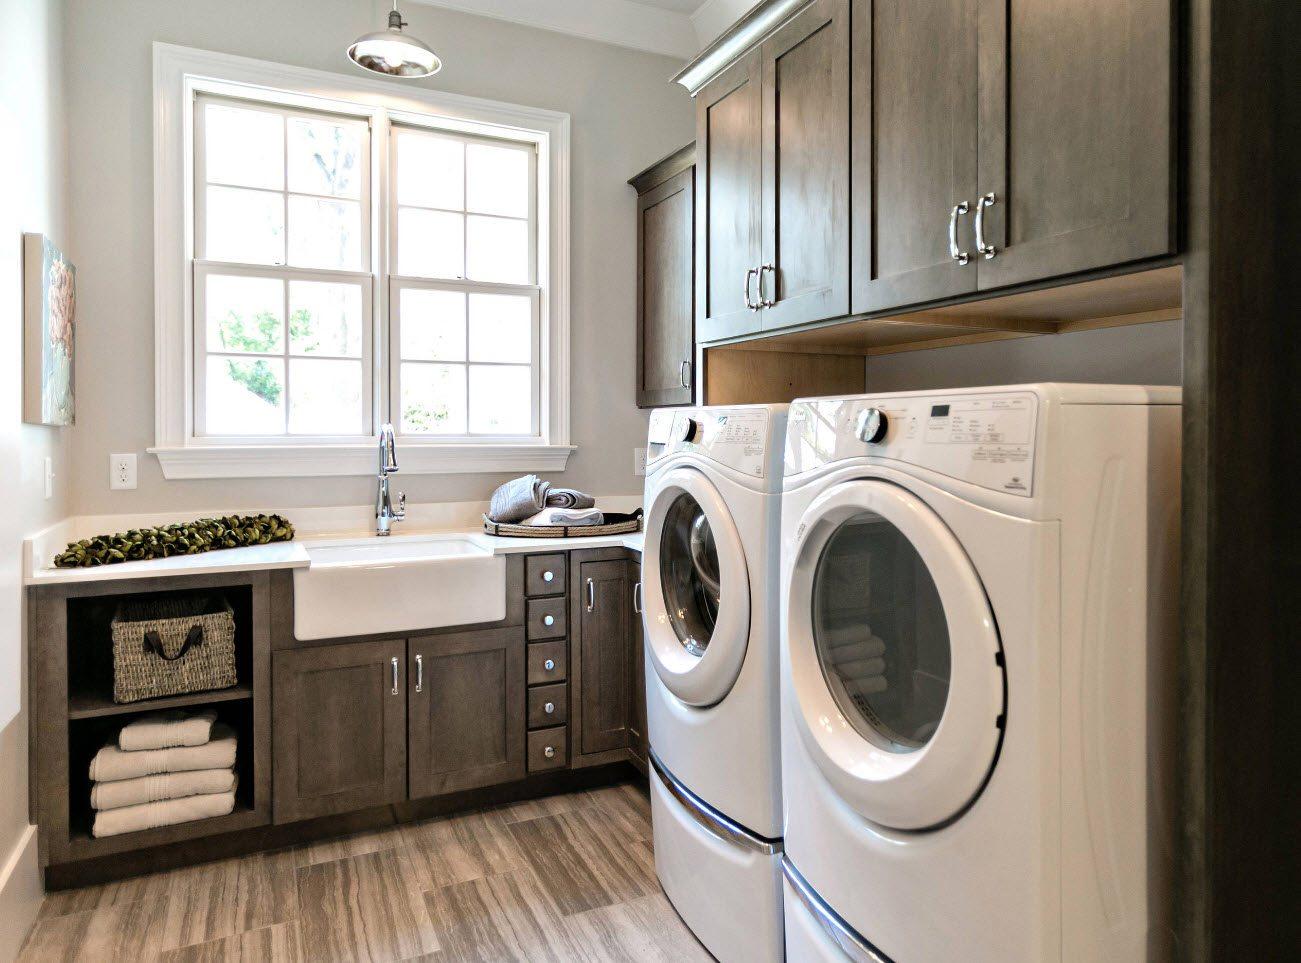 размеры и габариты стиральных машин идеи